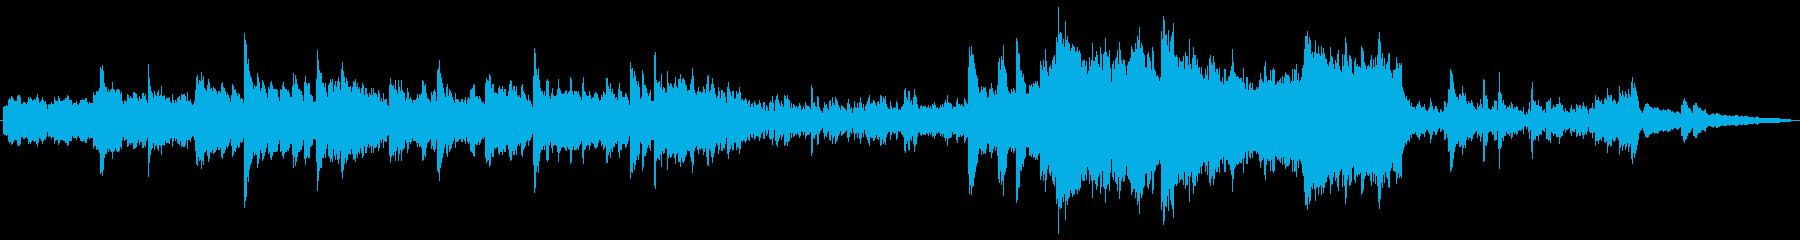 勝利に向かう時に流れるBGMの再生済みの波形